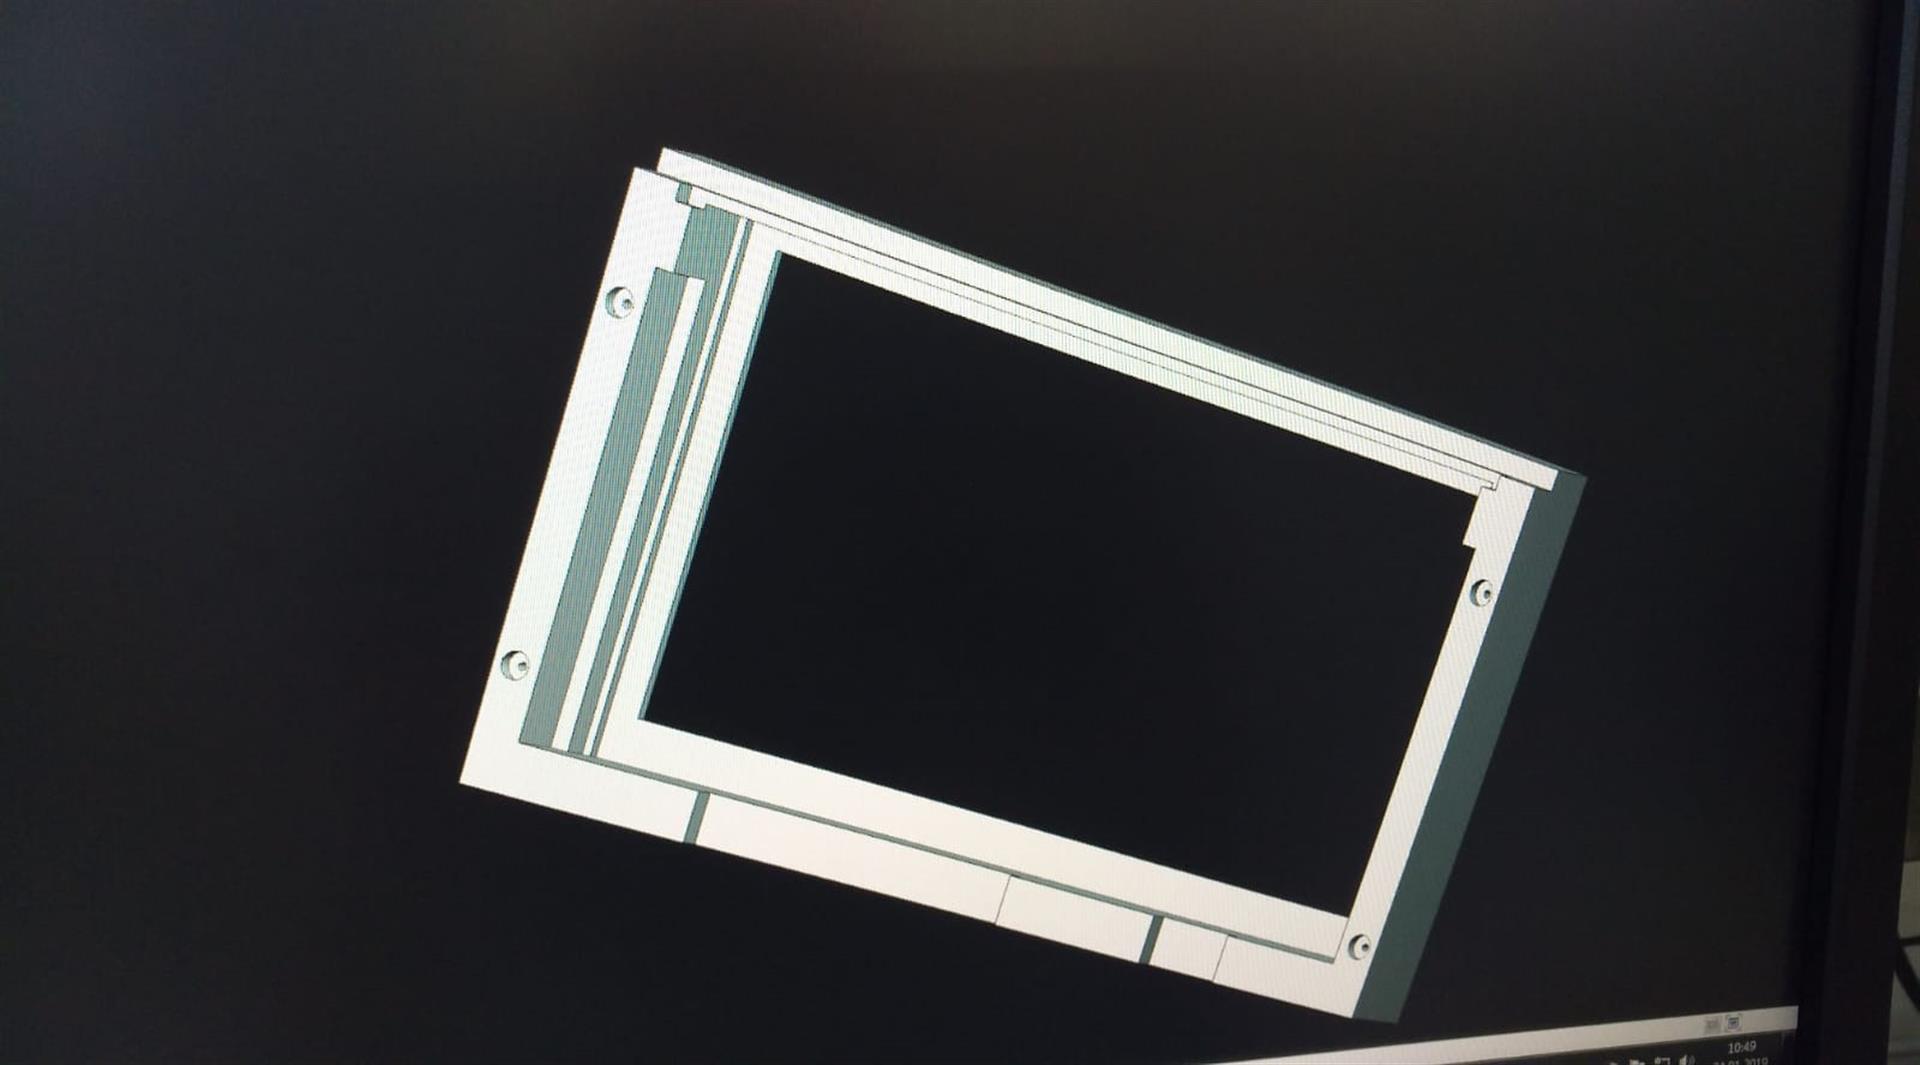 3D-Simulation der Monitor-Einhausung.